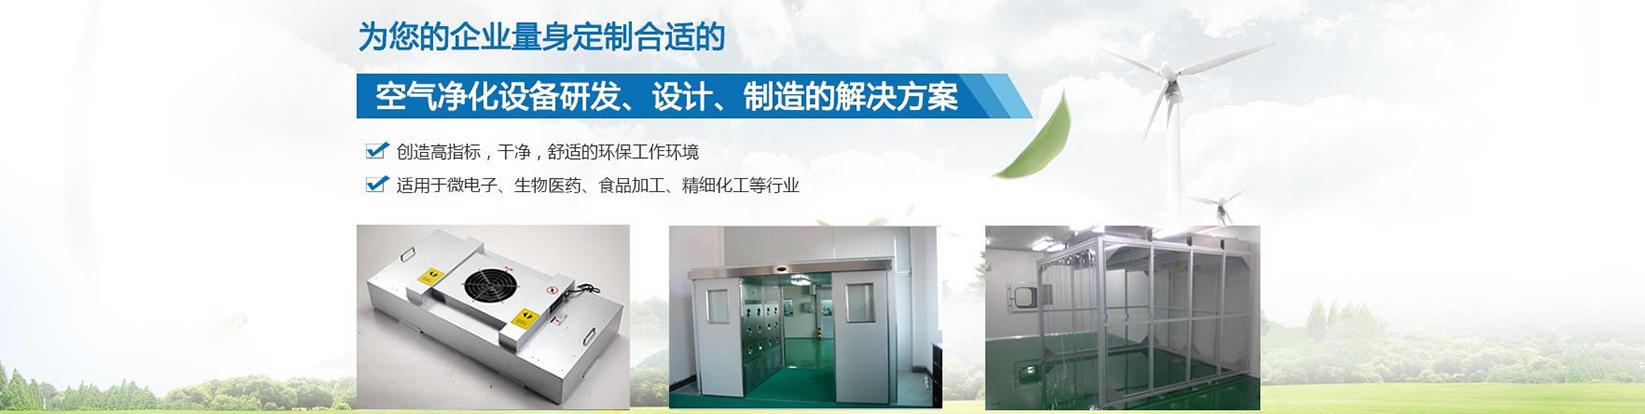 苏州荣亦信净化设备有限公司